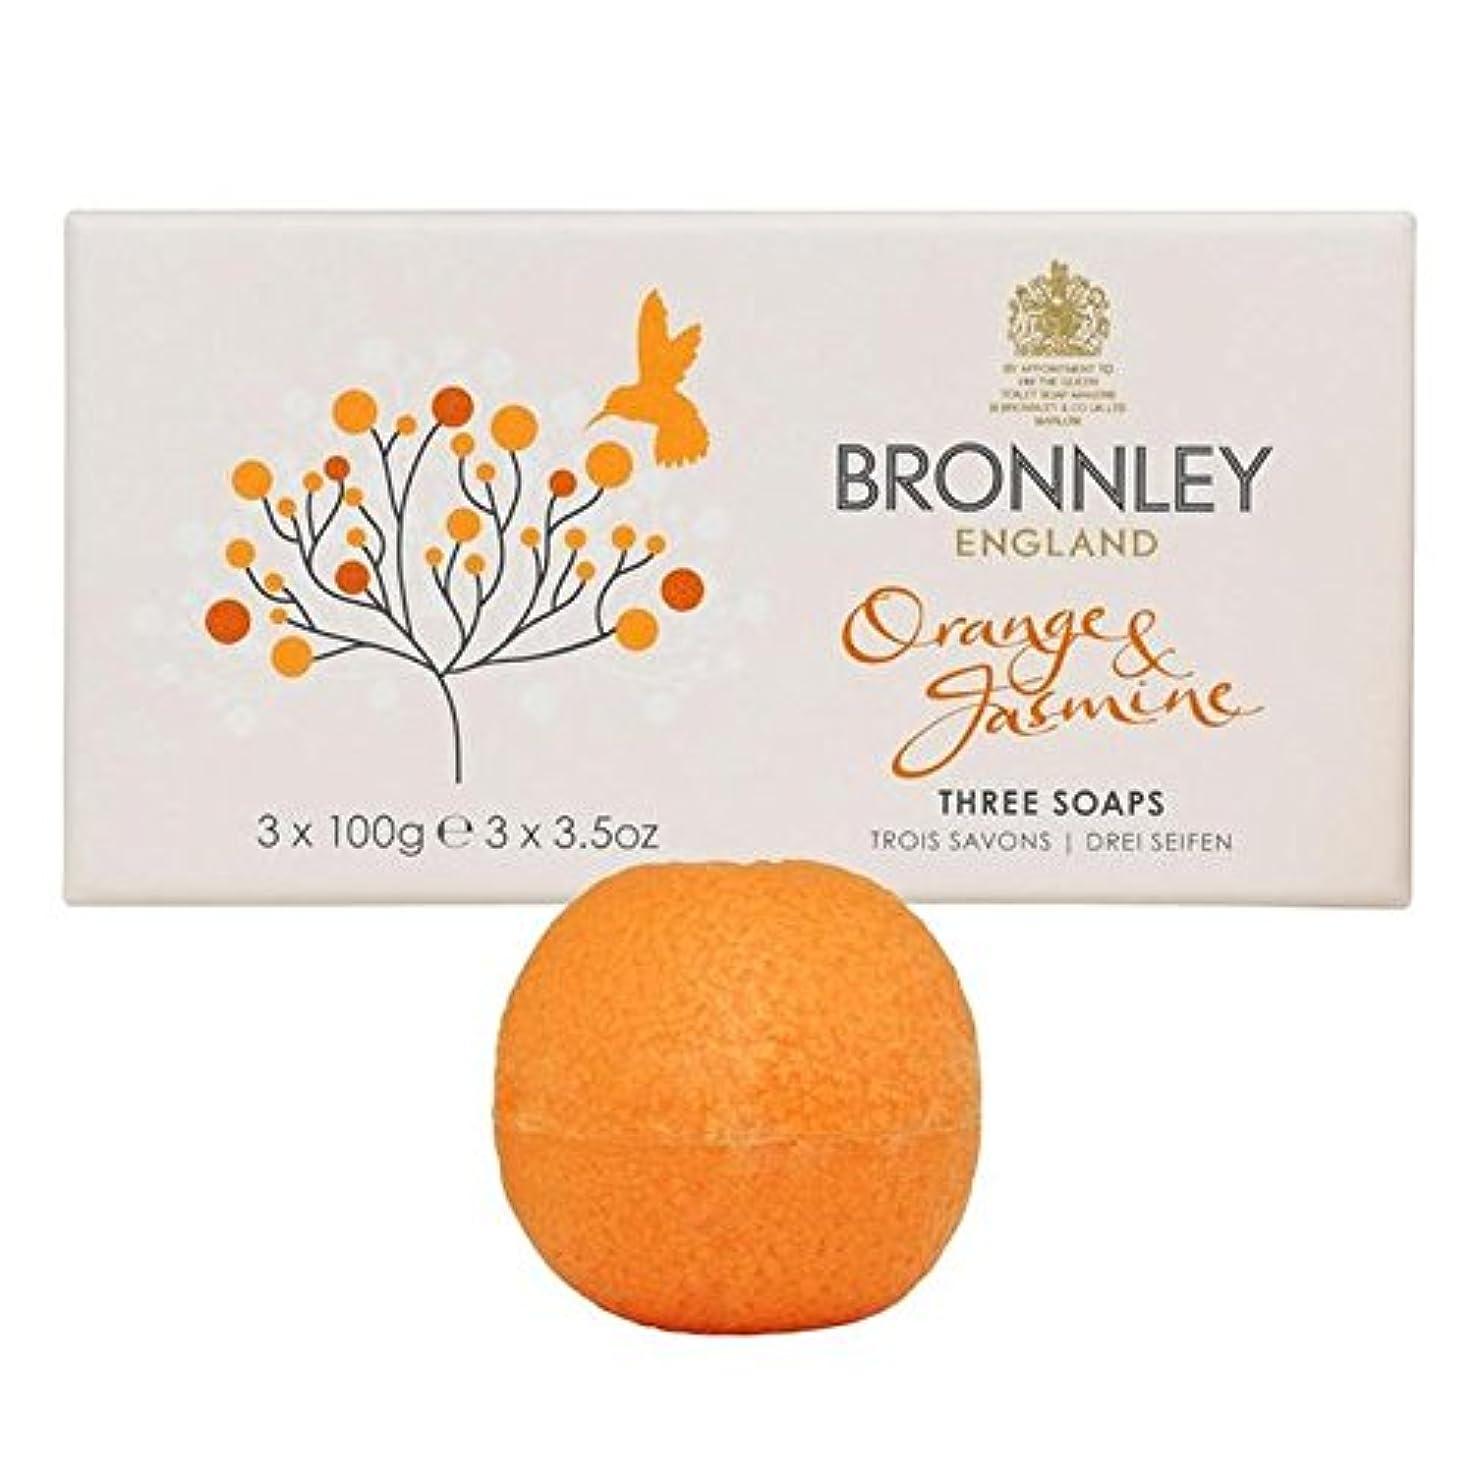 によってかもしれないフォーラムオレンジ&ジャスミン石鹸3×100グラム x2 - Bronnley Orange & Jasmine Soaps 3 x 100g (Pack of 2) [並行輸入品]